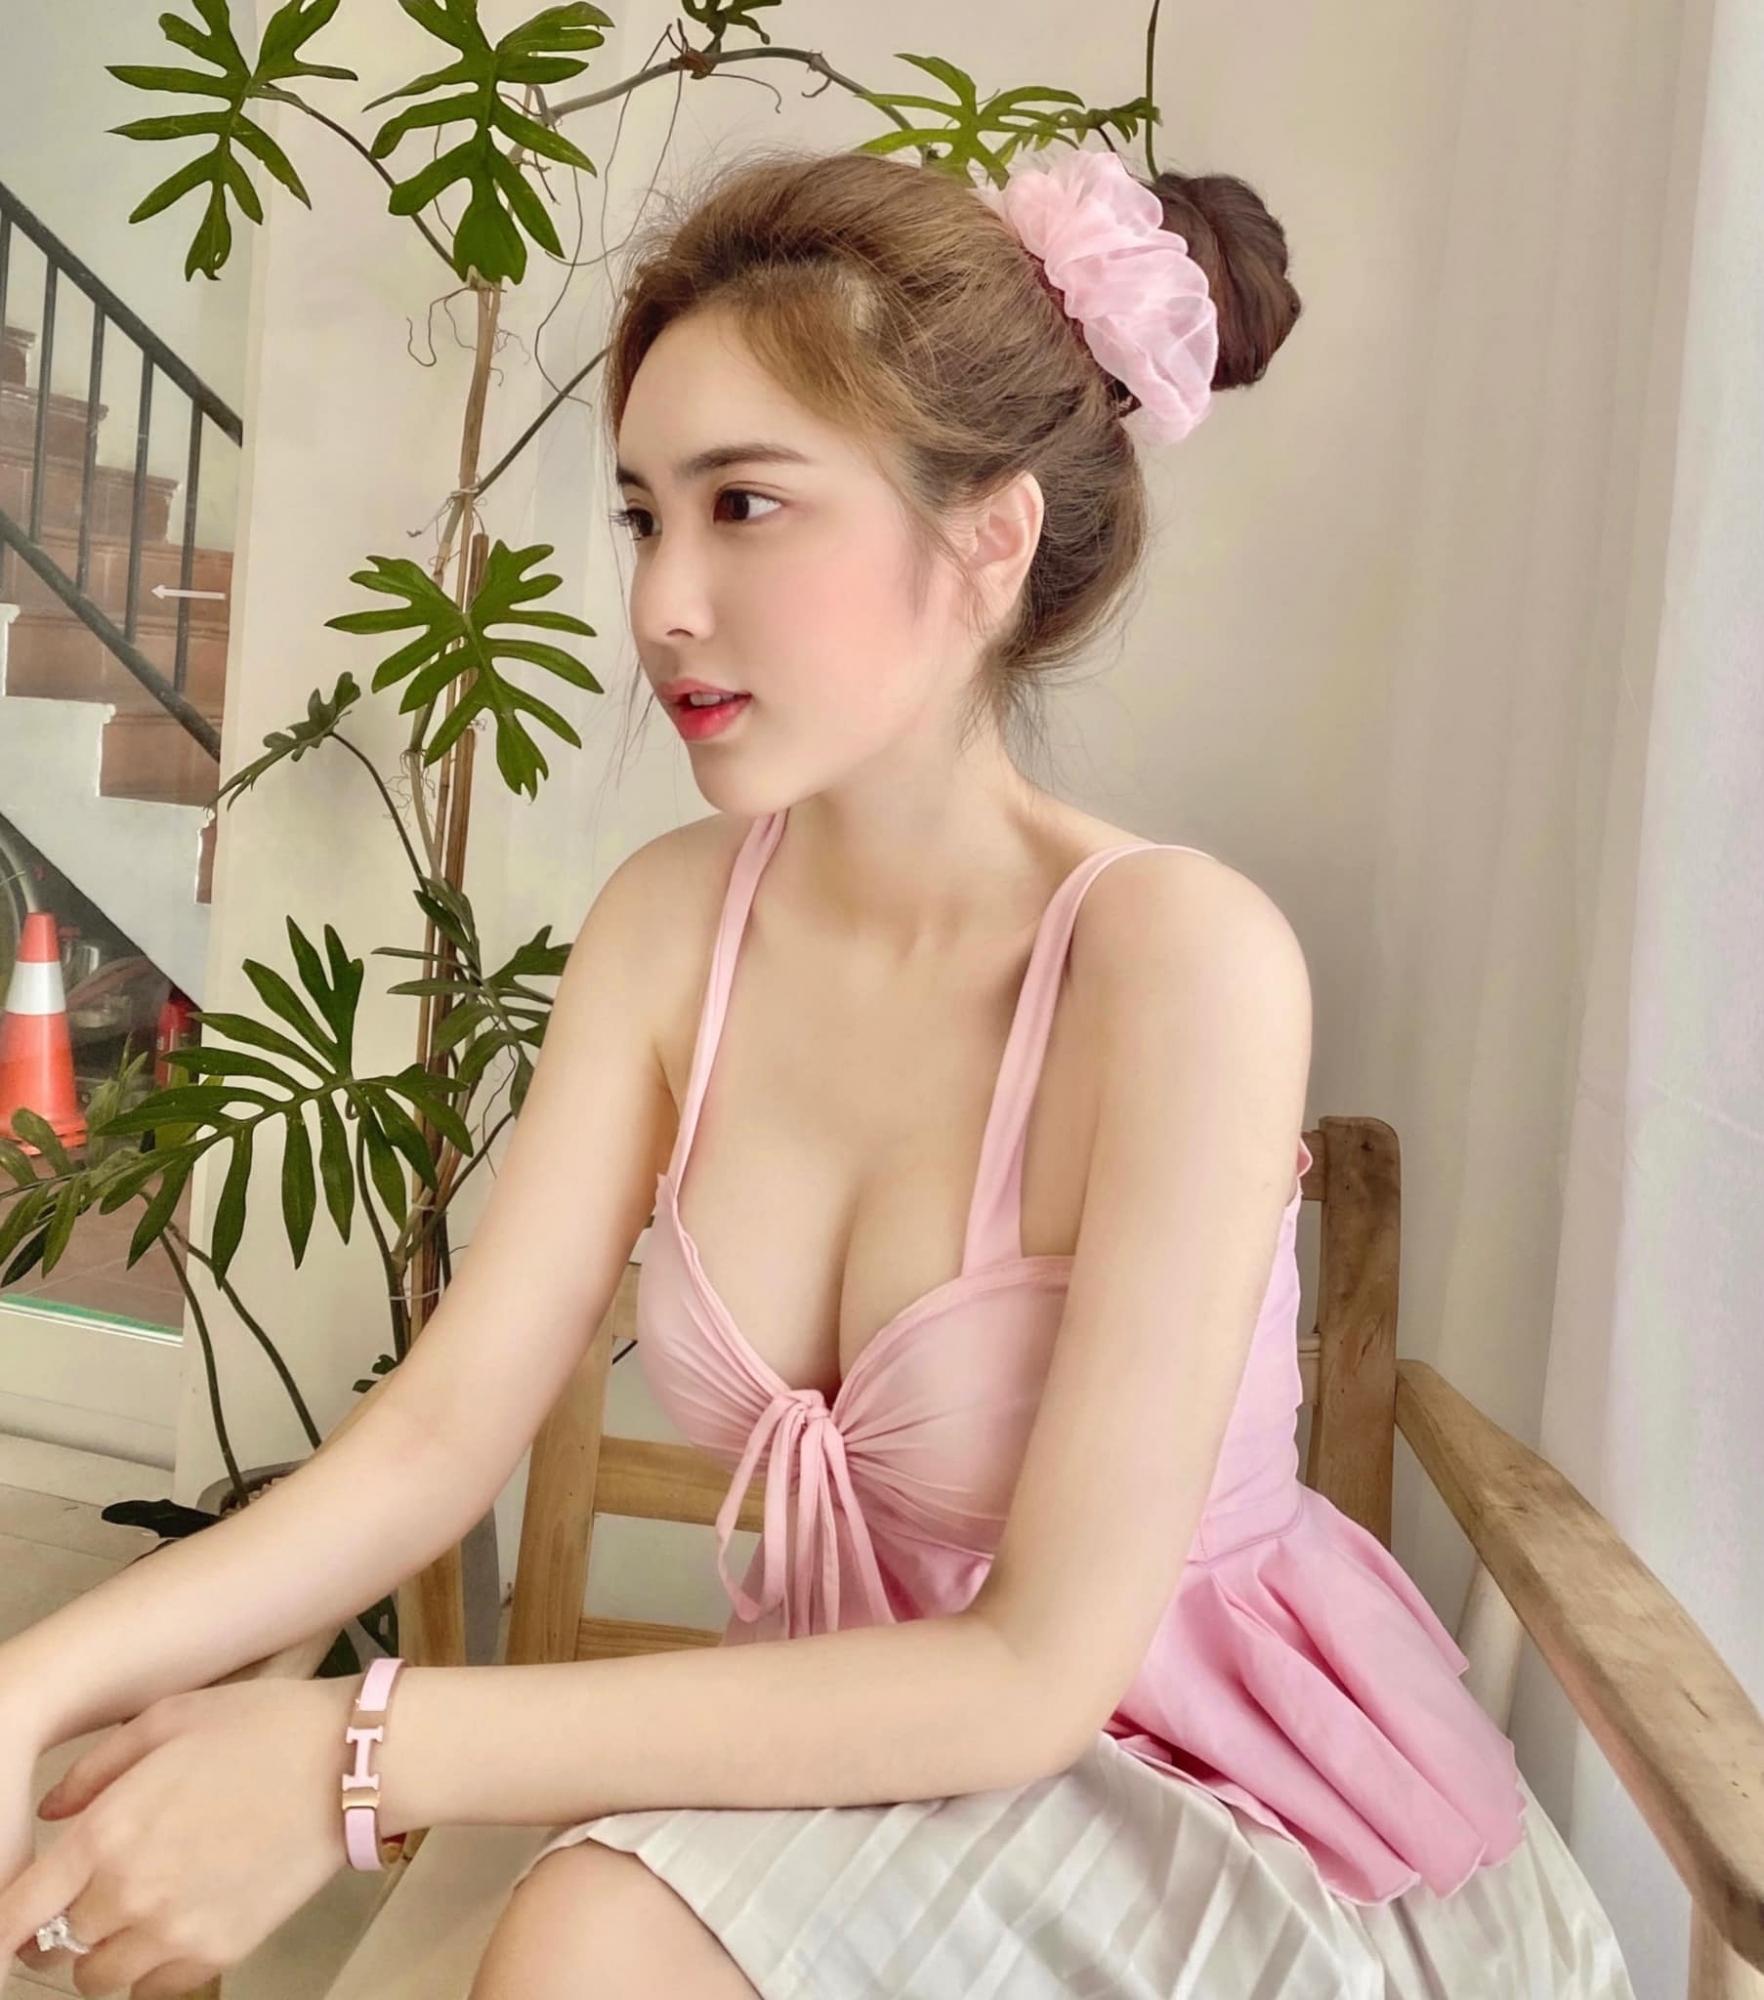 越南18岁美少女DOANGHI气质性感兼具 吃瓜基地 第2张